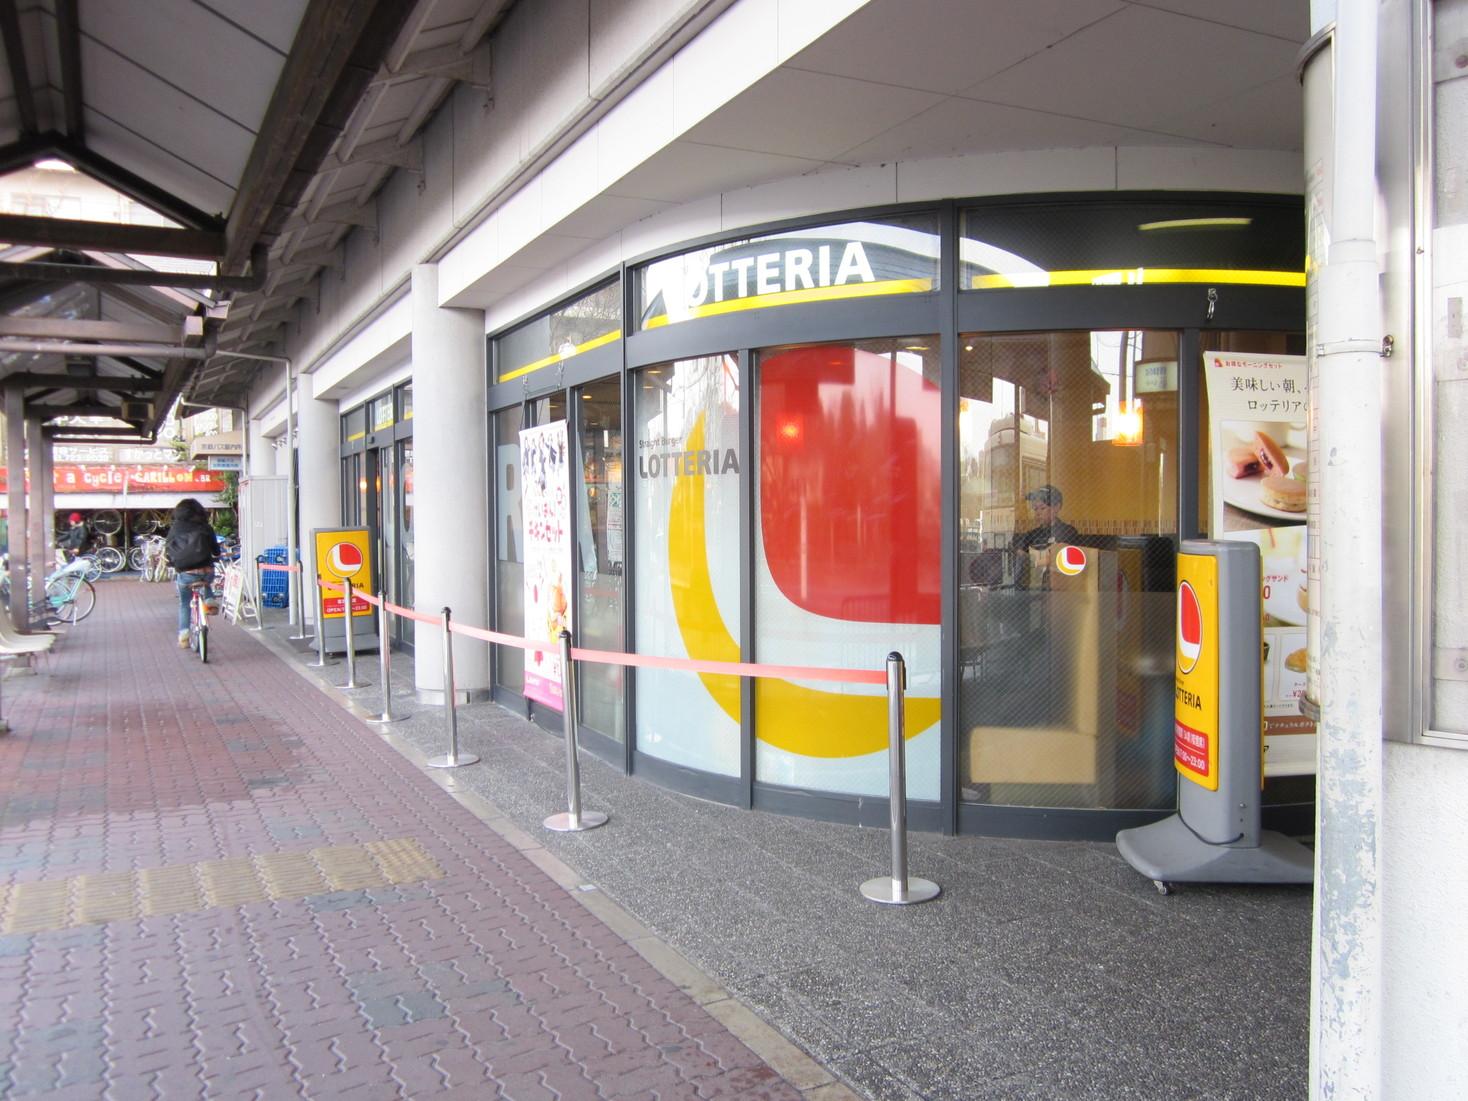 ロッテリア 京阪出町柳駅店